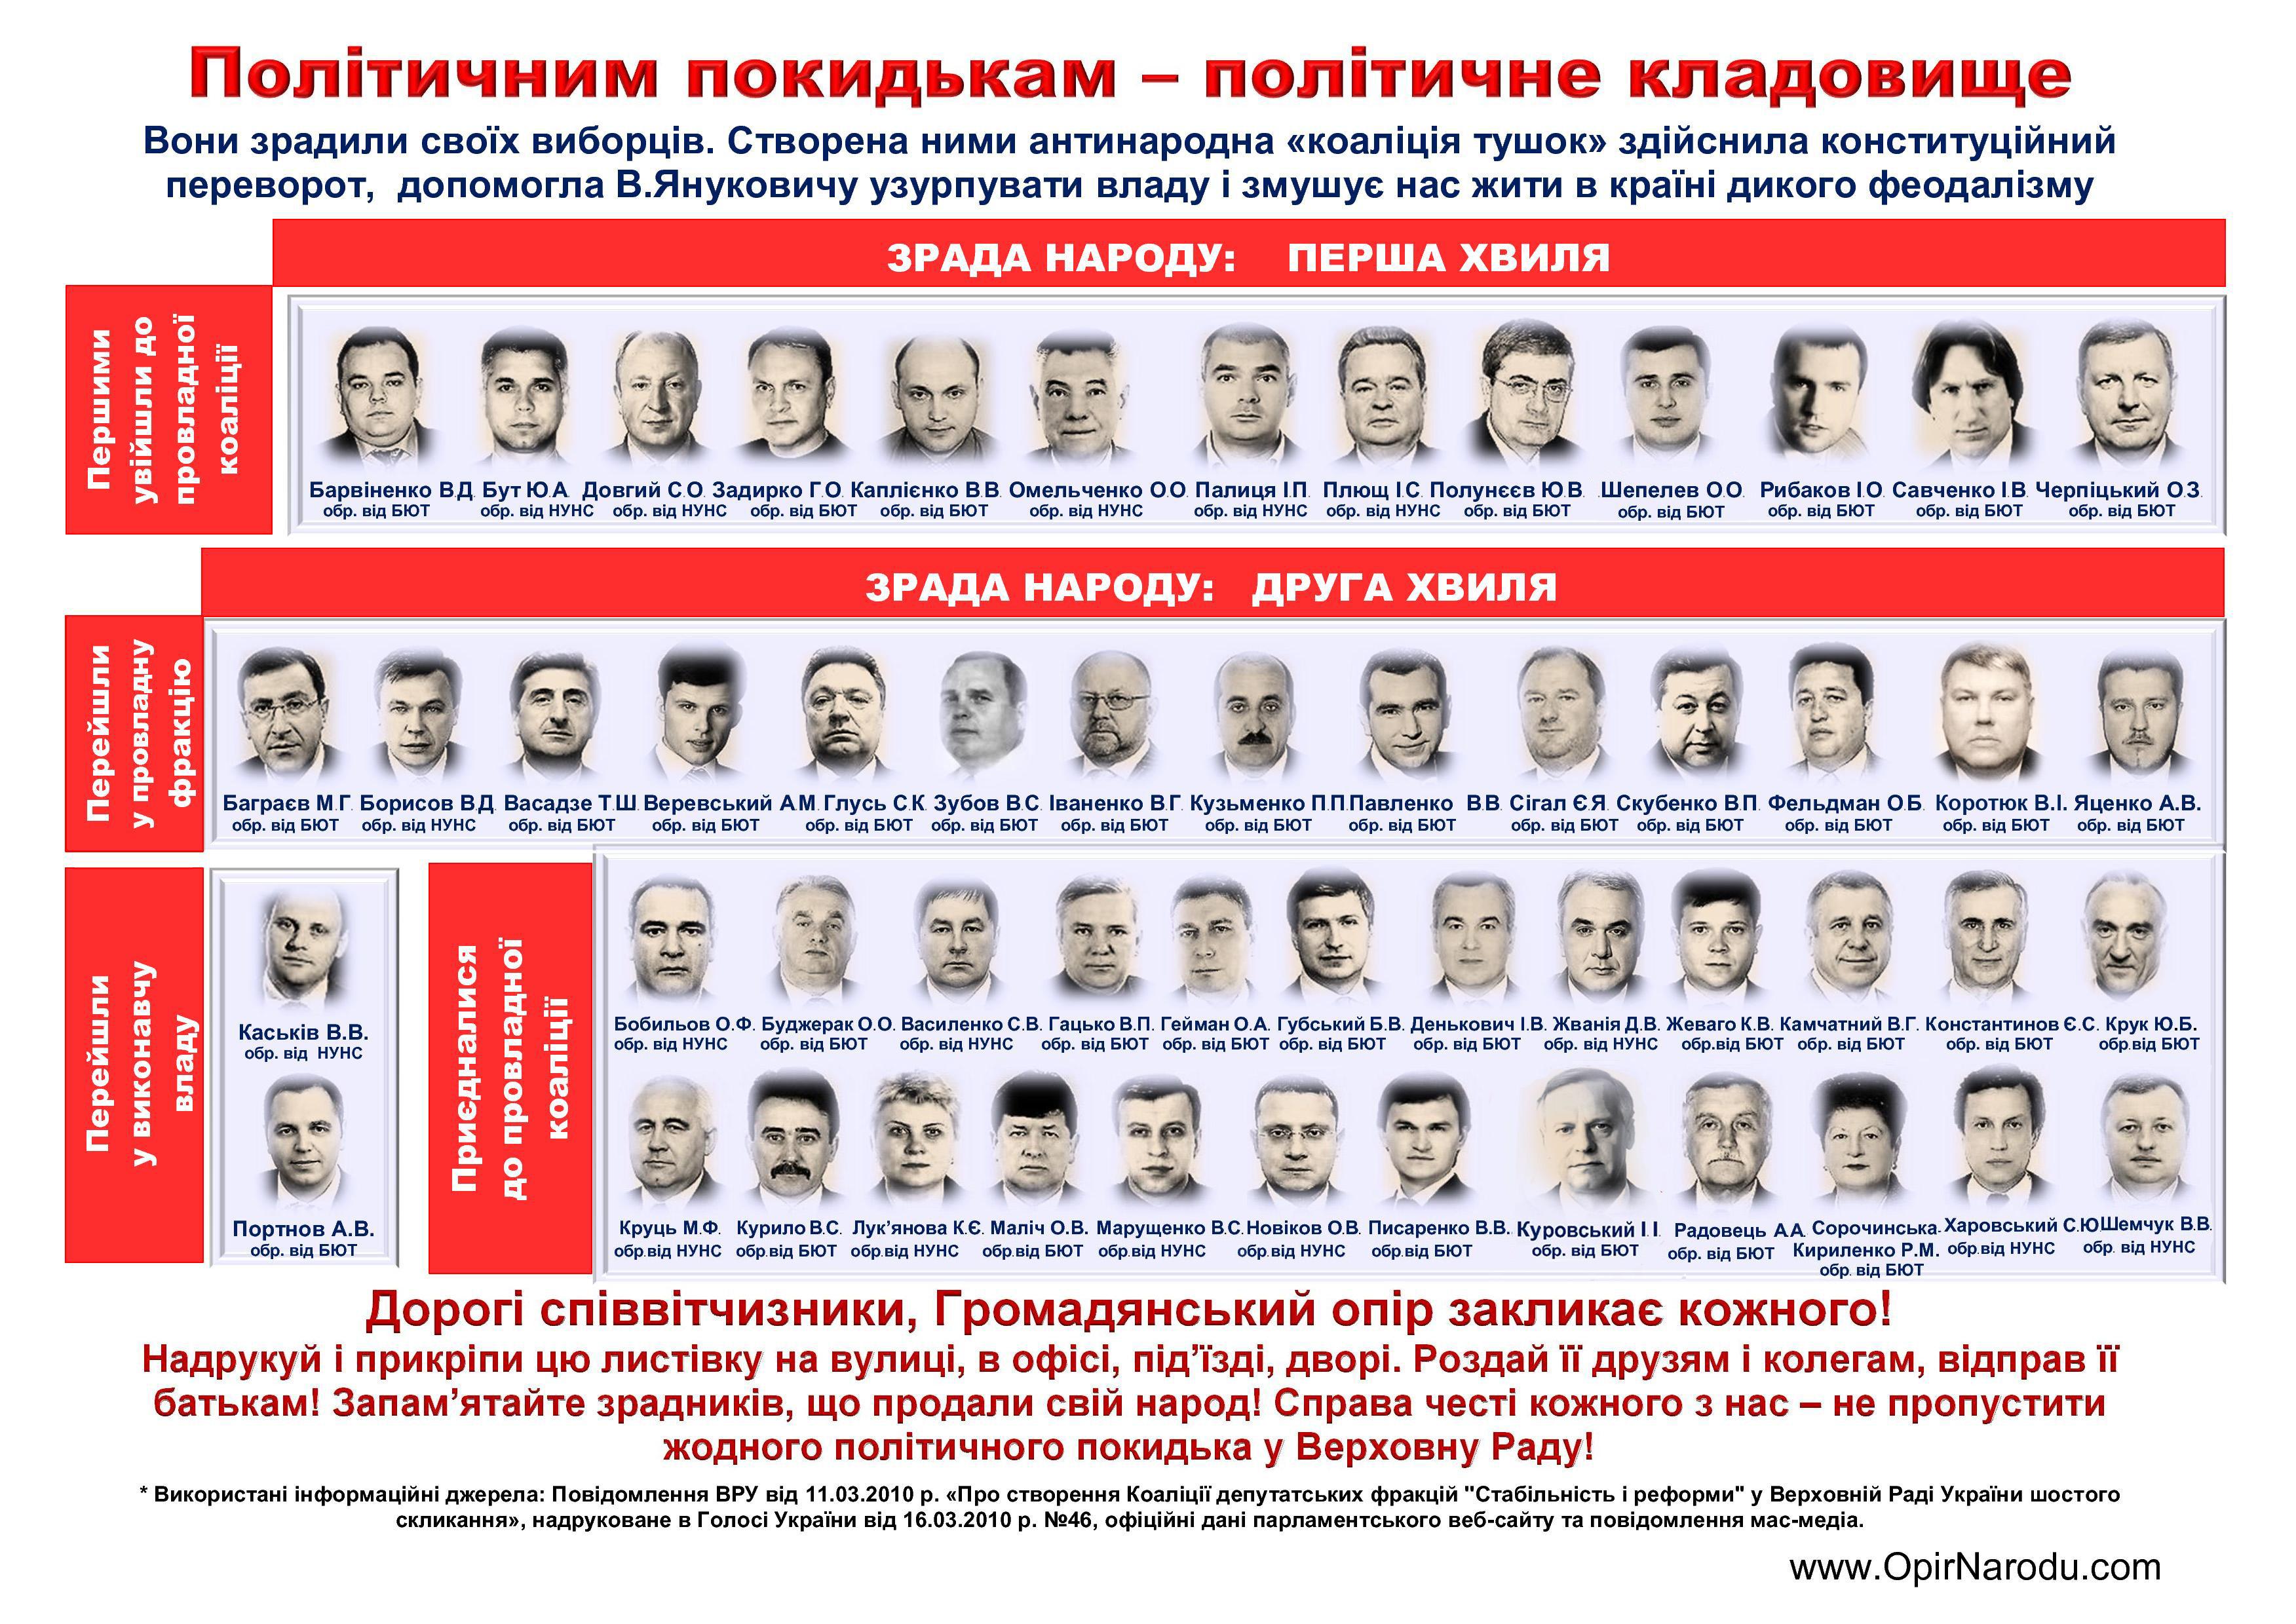 Очень много внефракционных депутатов хотели бы войти в коалицию. Это был бы идеальный вариант, - Борислав Береза - Цензор.НЕТ 3104